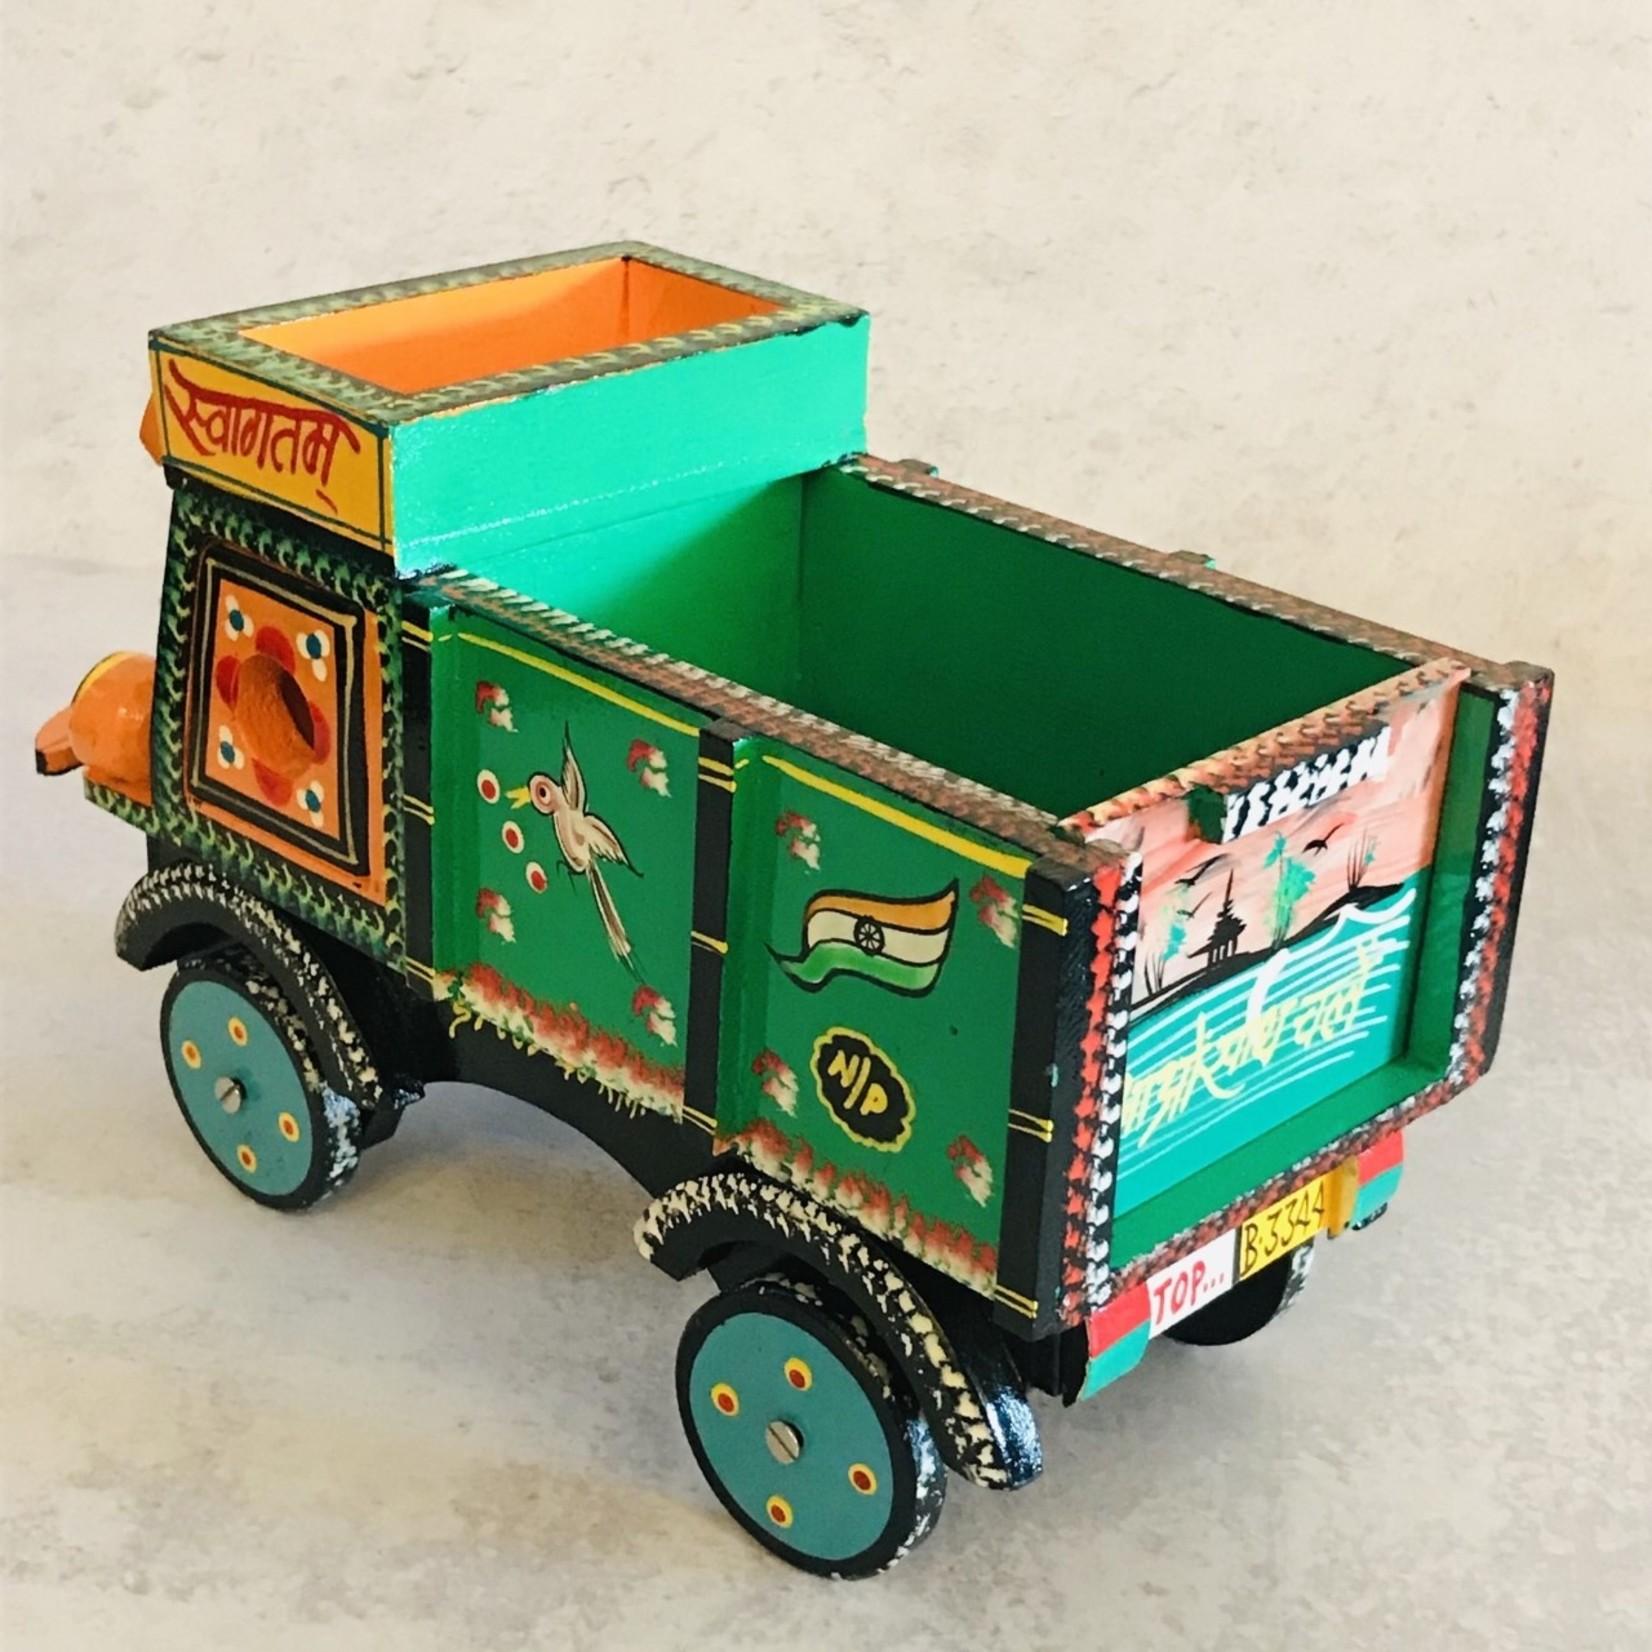 Market Wooden Toy Truck Orange/Green